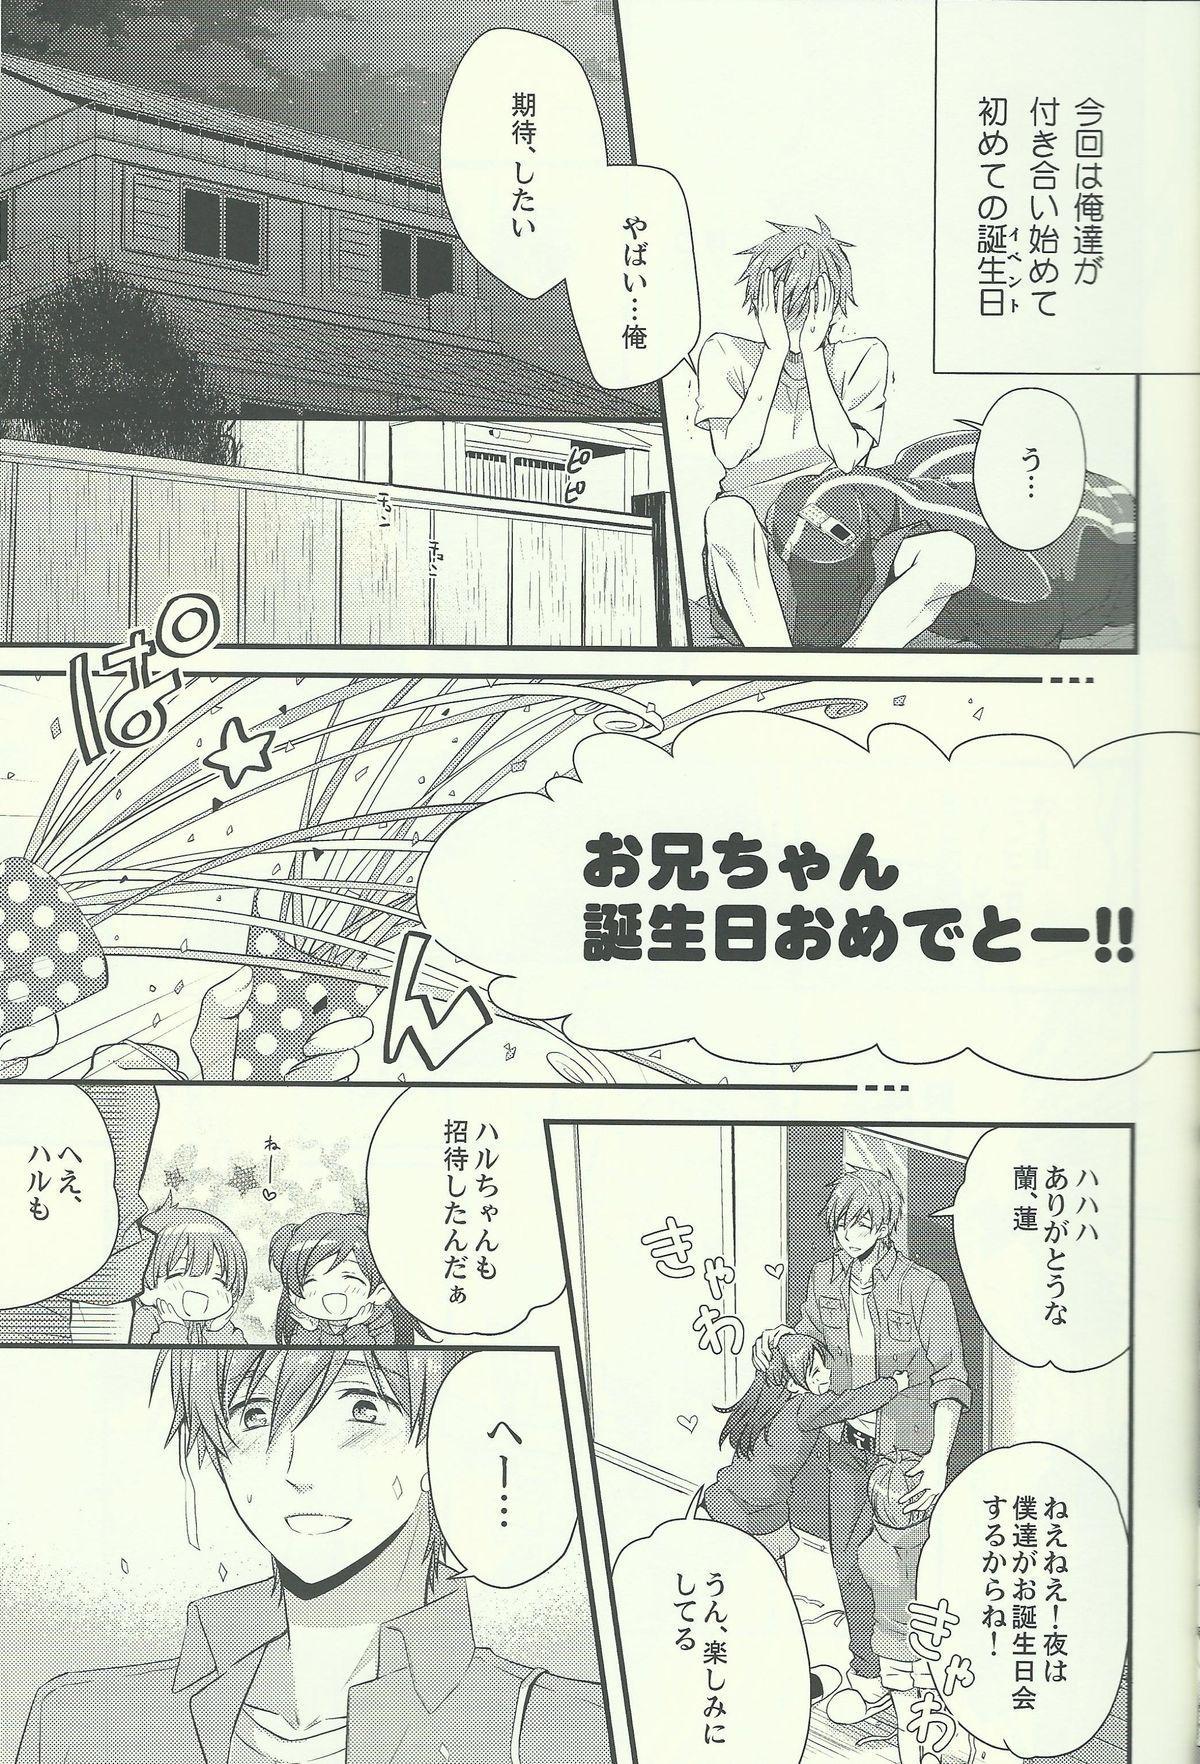 Ichinen de Ichiban Taisetsuna hi 4